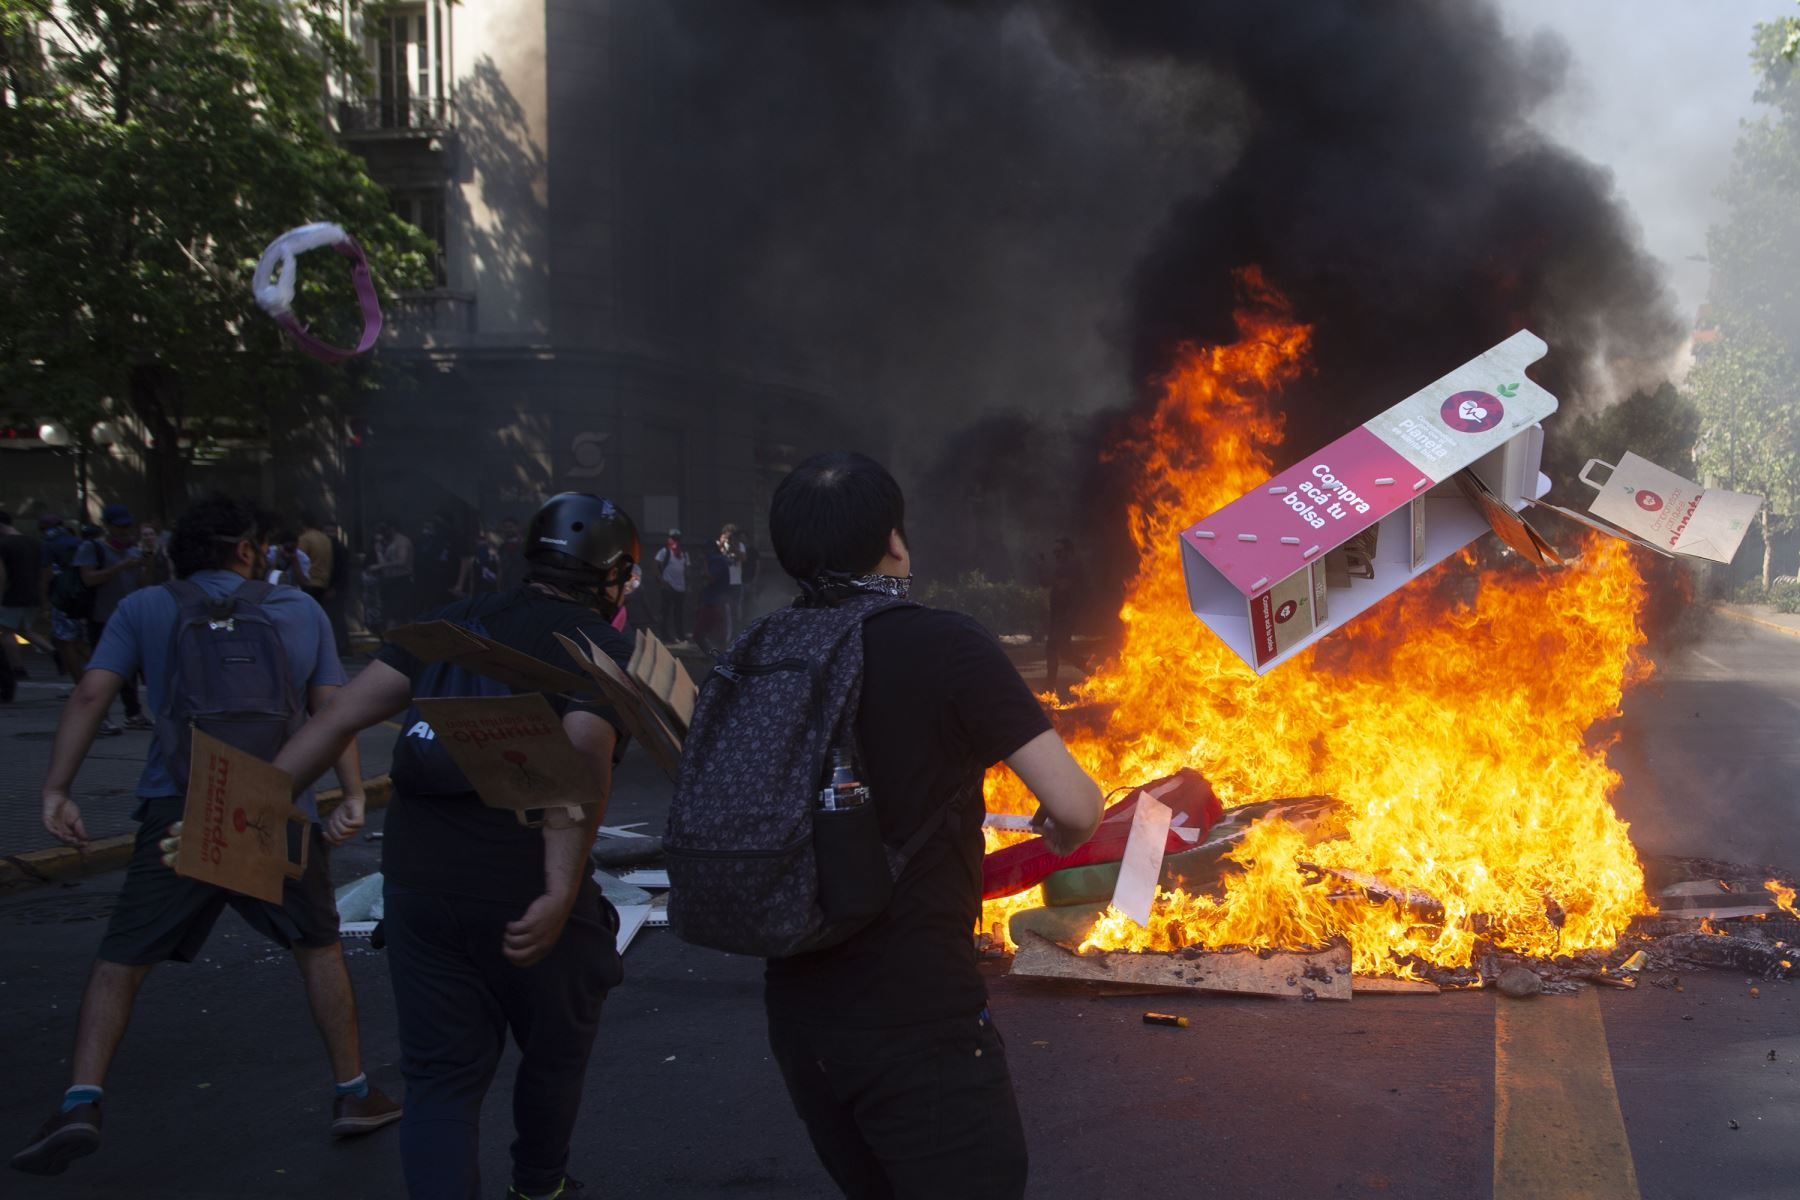 Los manifestantes arrojan cartón para quemar en una hoguera durante una protesta contra las políticas económicas del gobierno en Santiago. Foto: AFP